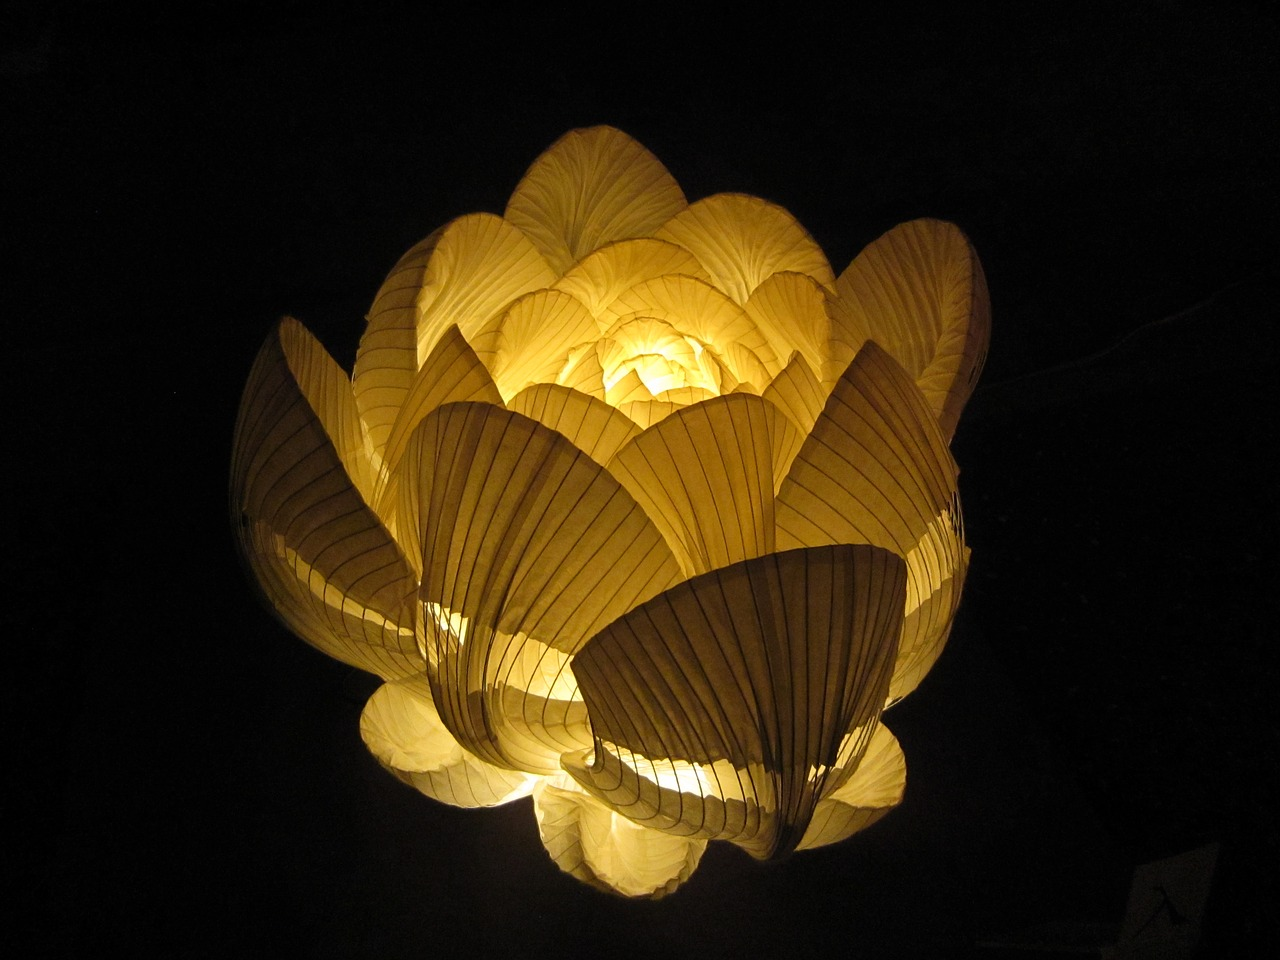 Lampade di carta arredare con le luci in stile giapponese